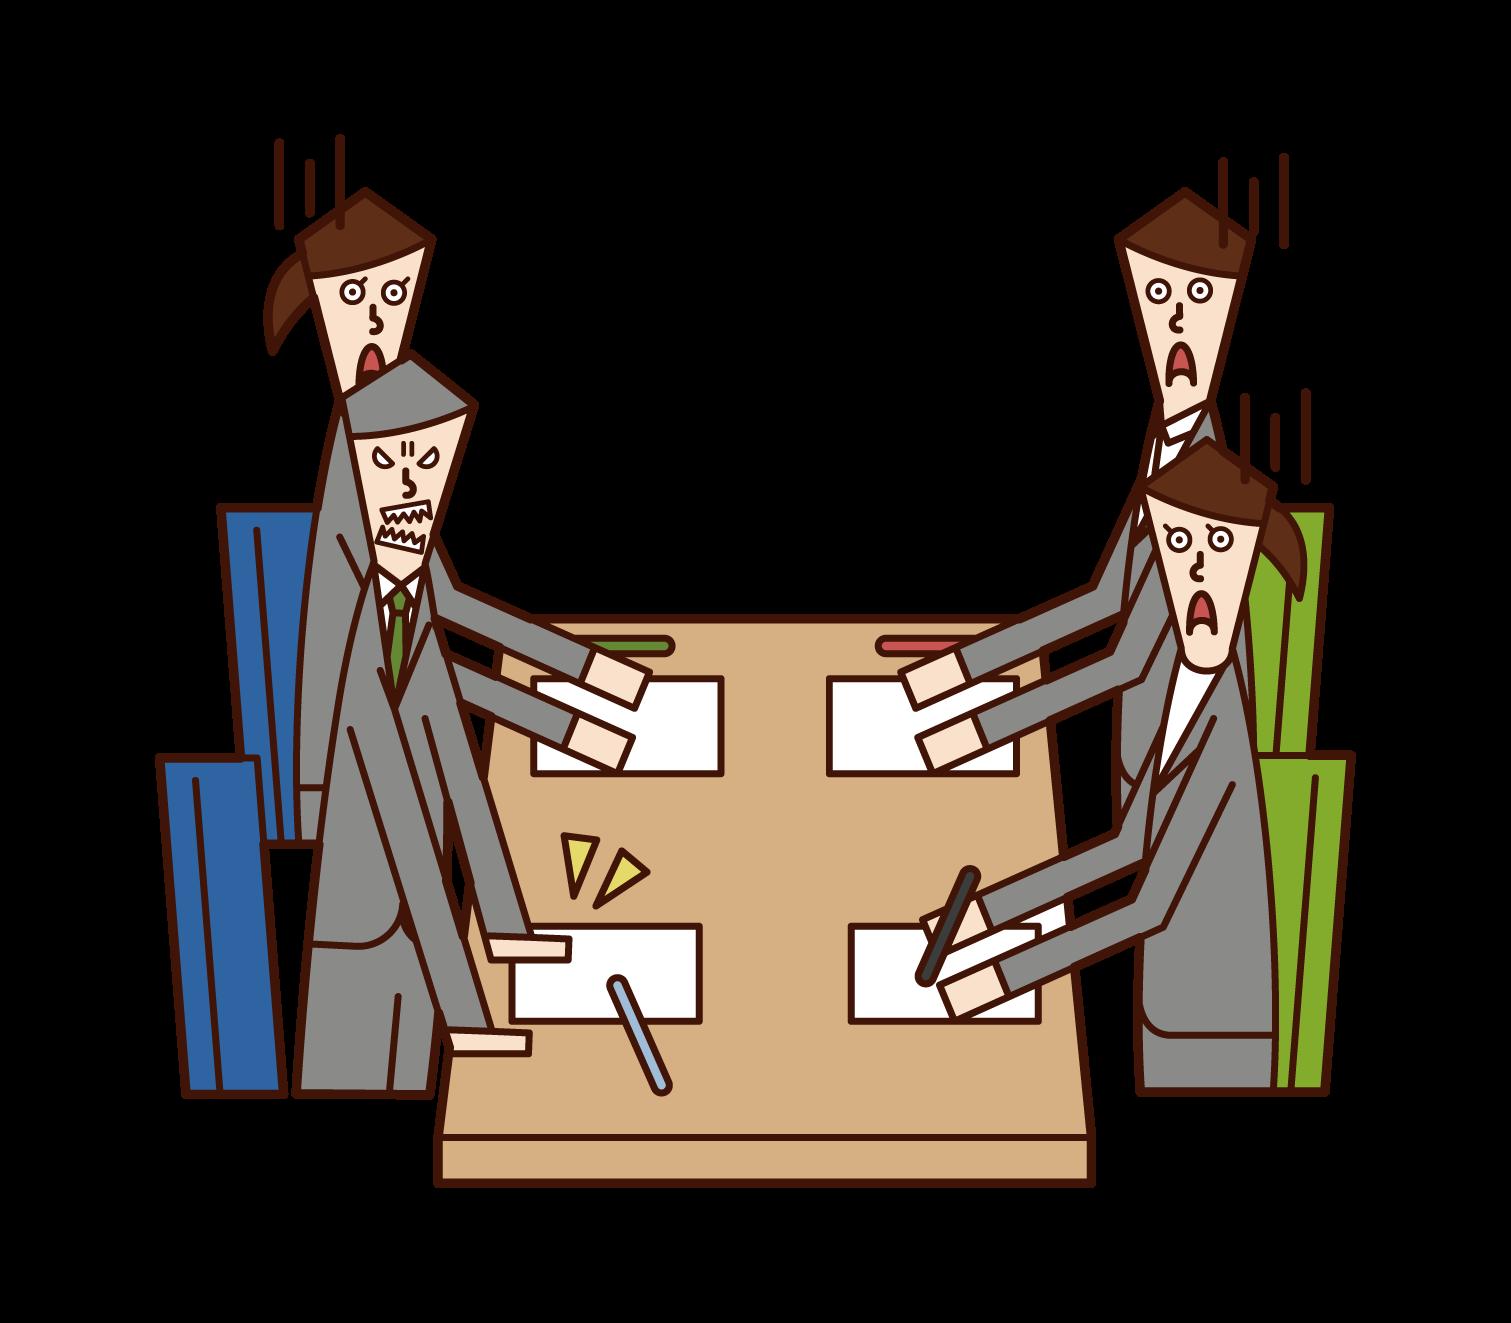 会議で怒る人(男性)のイラスト